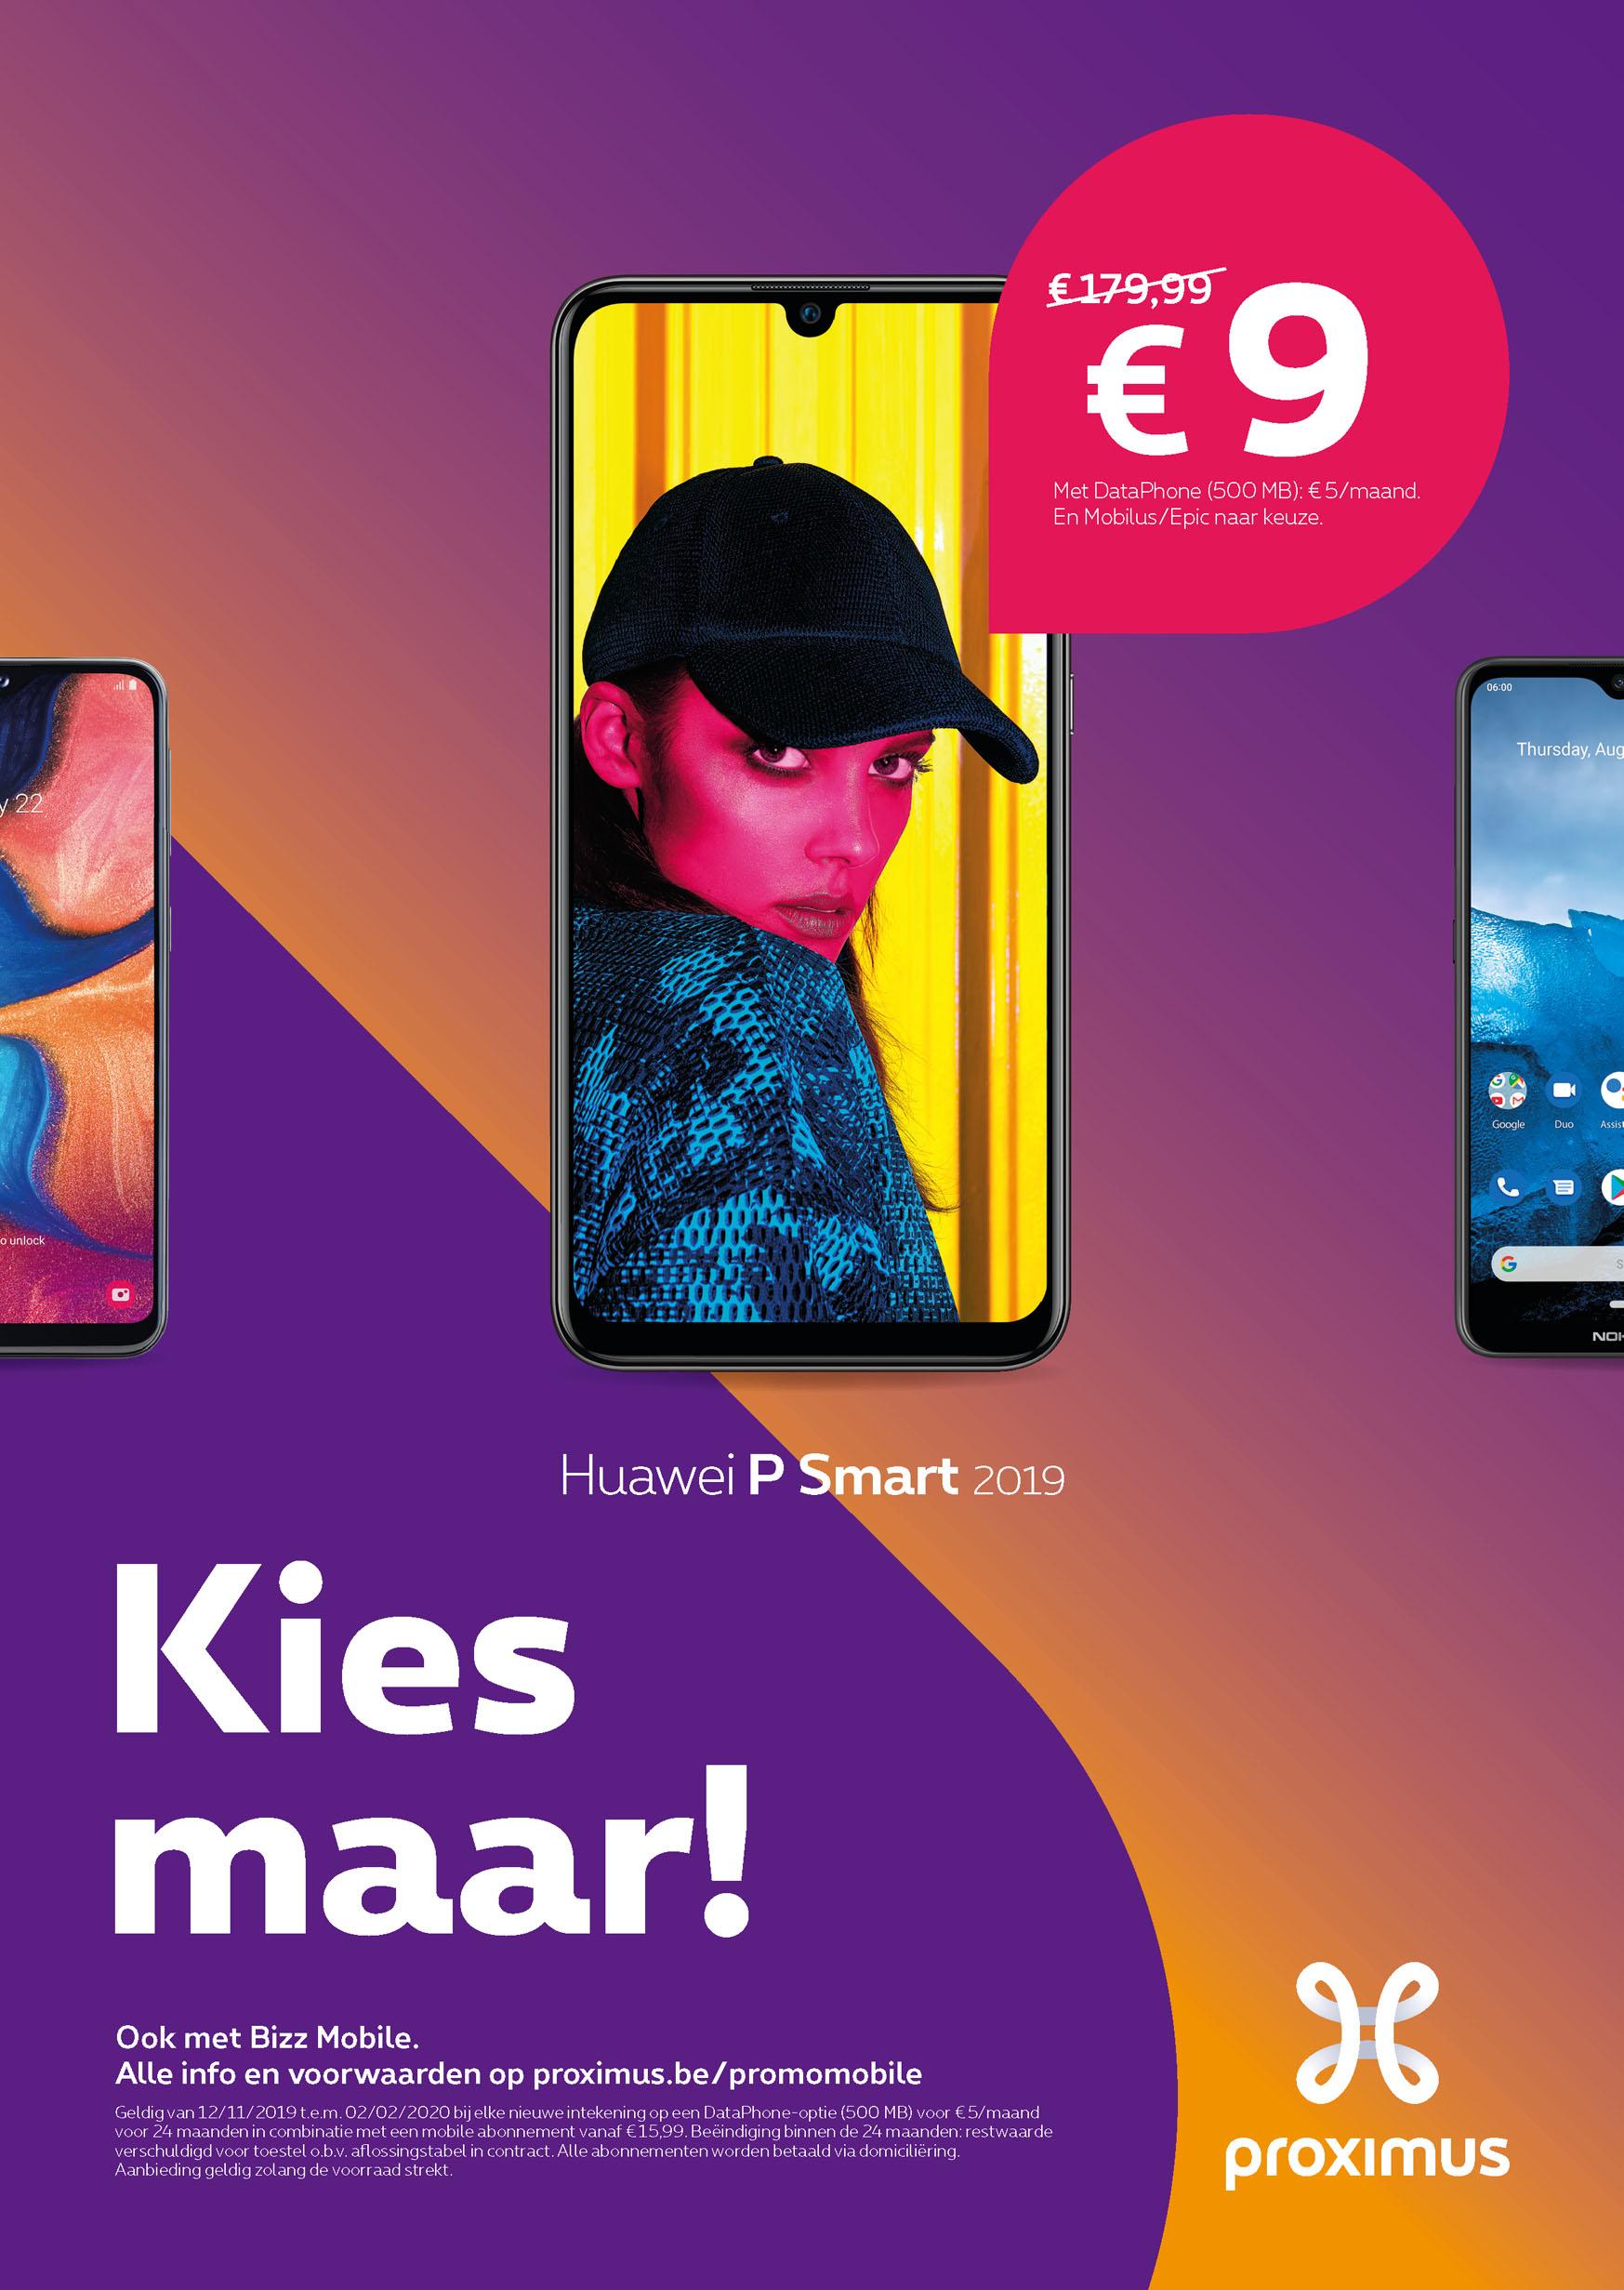 Promotions_JO_JO_Huawei_P_Smart_2019_201